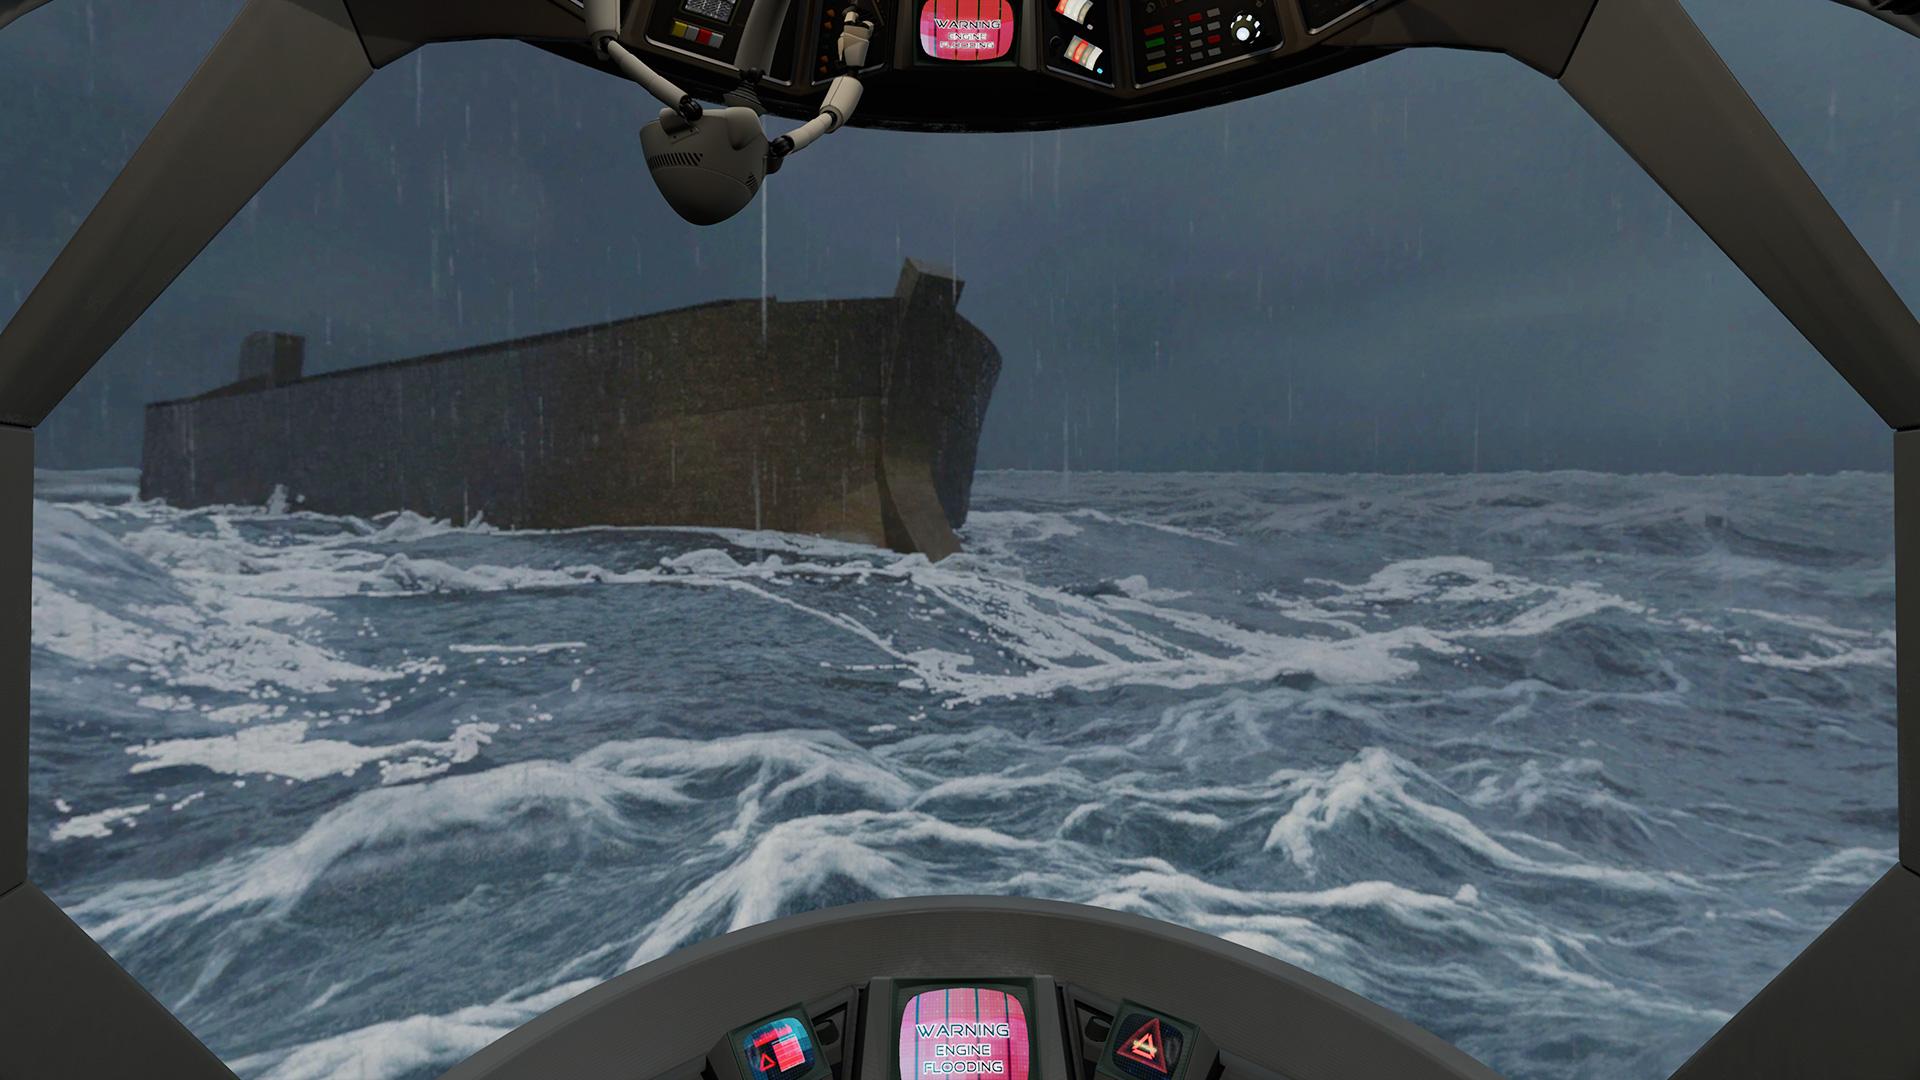 VR flood